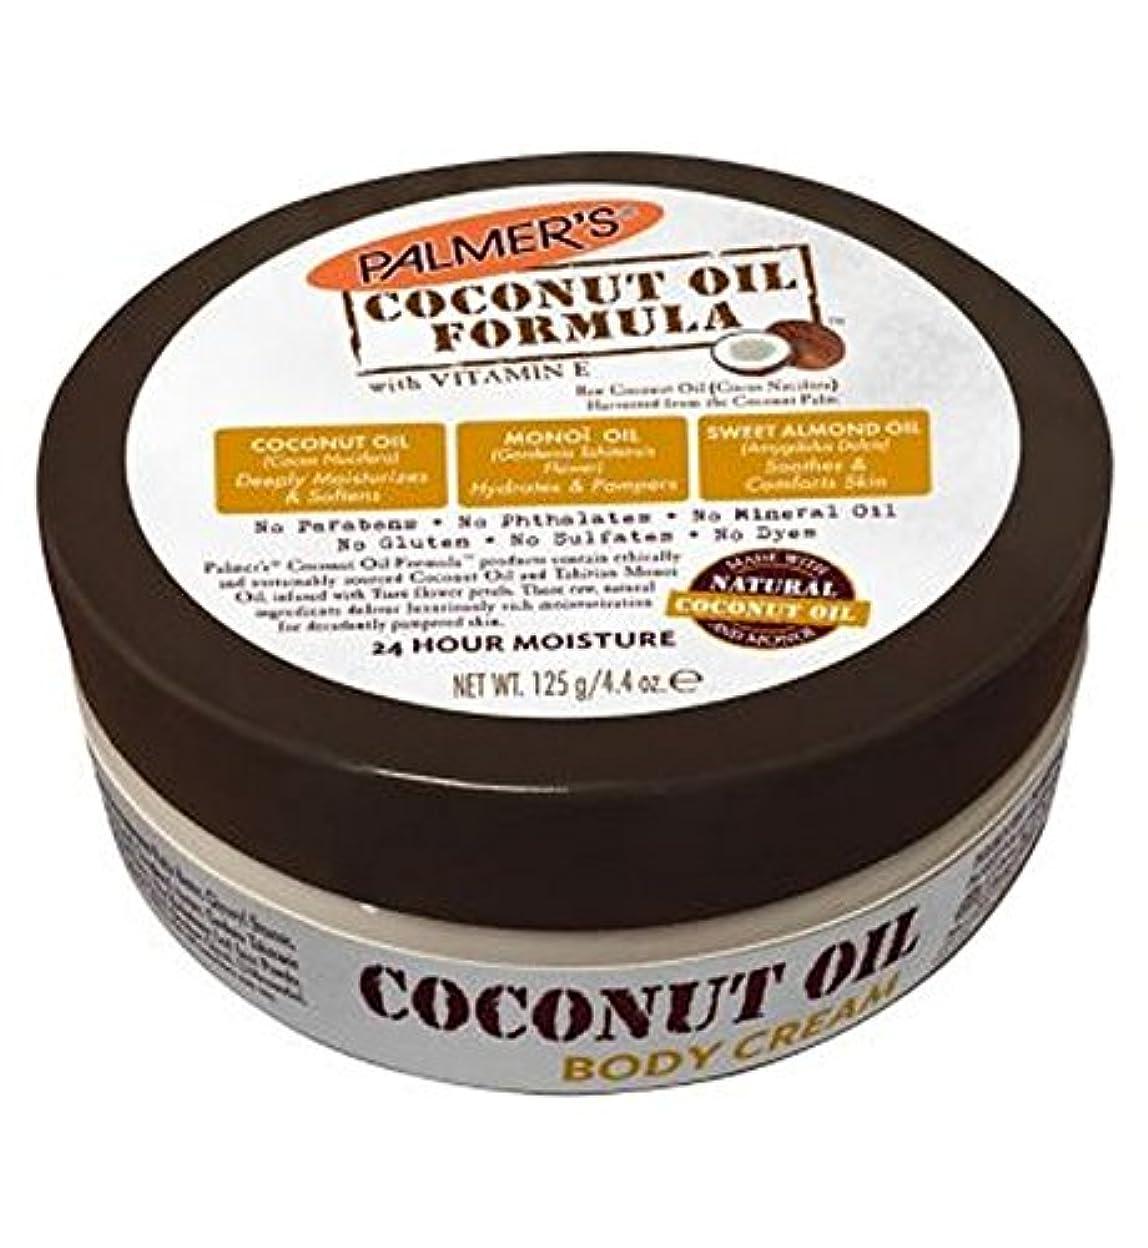 偏見適格土地Palmer's Coconut Oil Formula Body Cream 125g - パーマーのヤシ油式ボディクリーム125グラム (Palmer's) [並行輸入品]